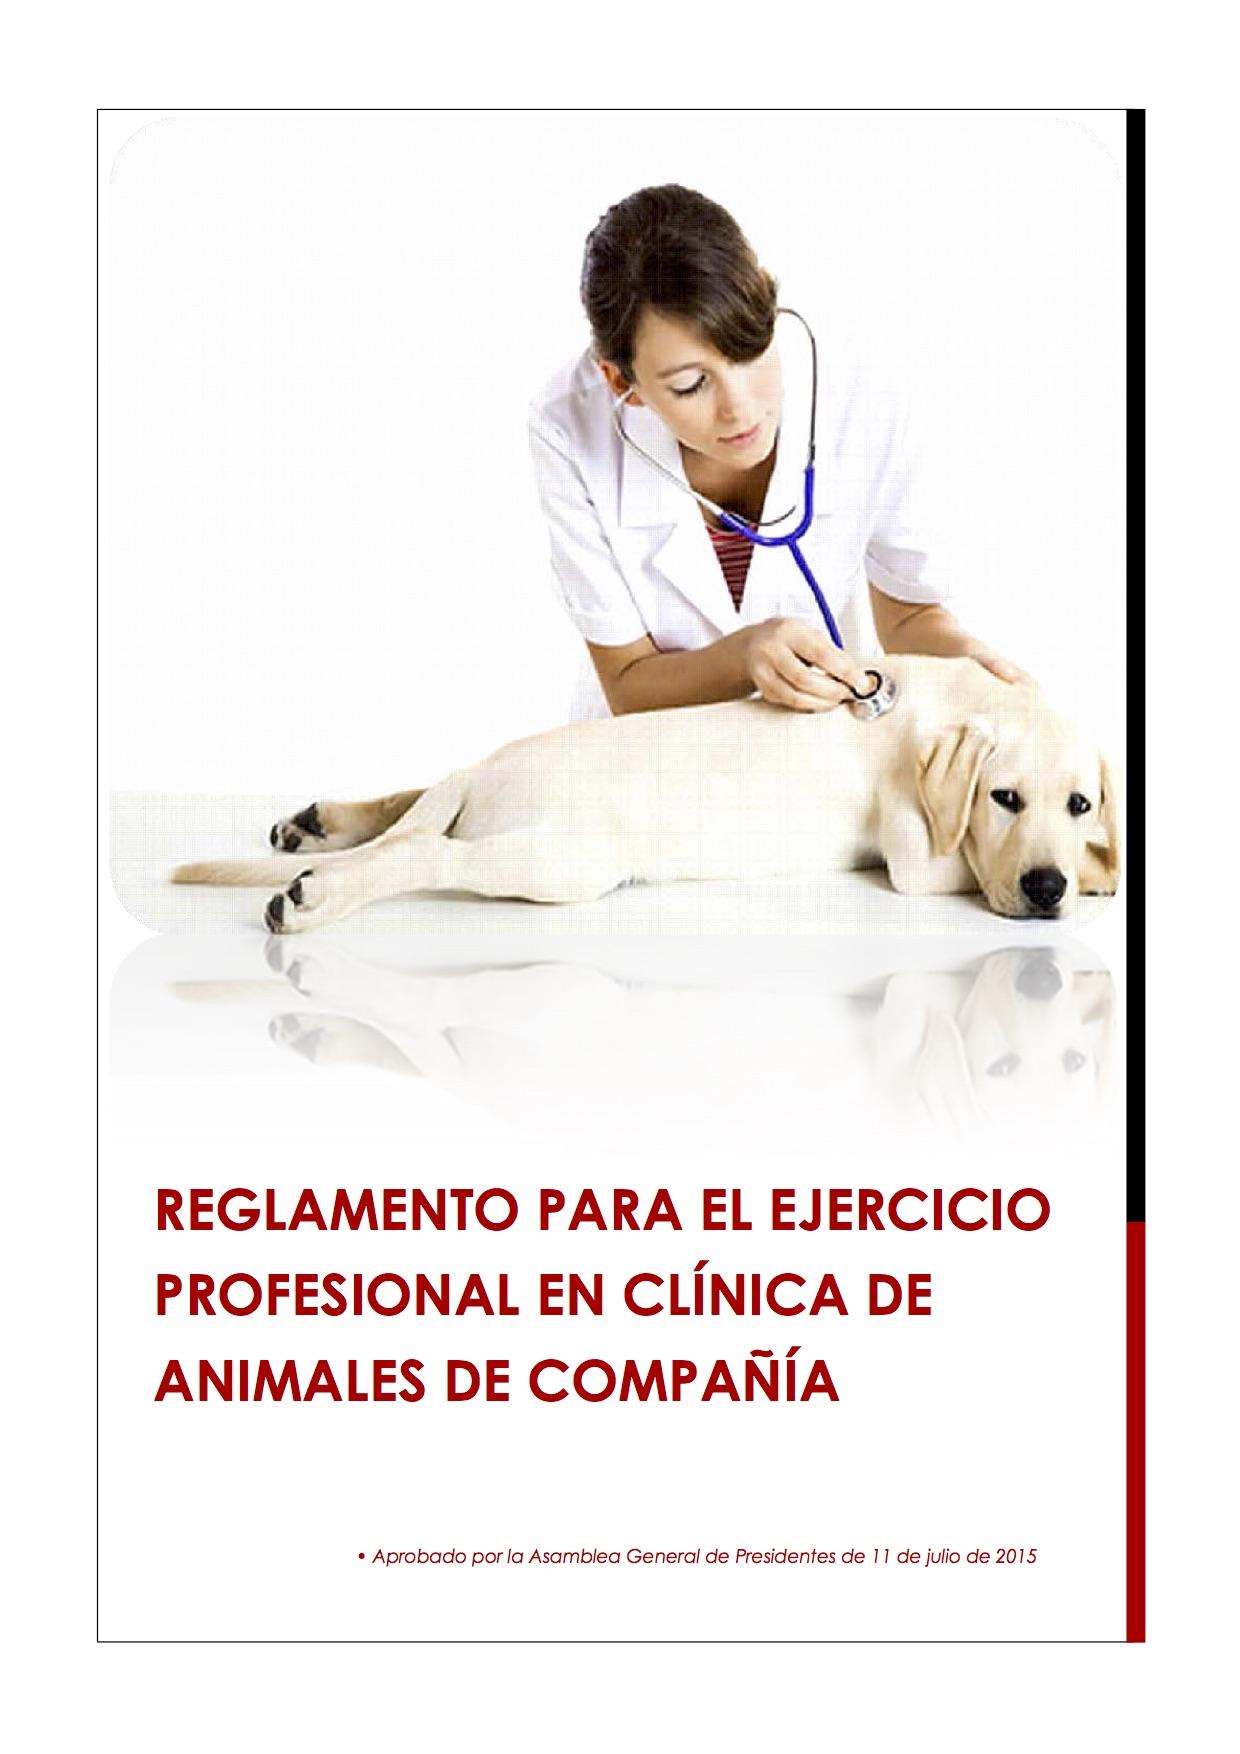 2015_07_11 REGLAMENTO PARA EL EJERCICIO PROFESIONAL EN CLÍNICA DE ANIMALES DE COMPAÑÍA